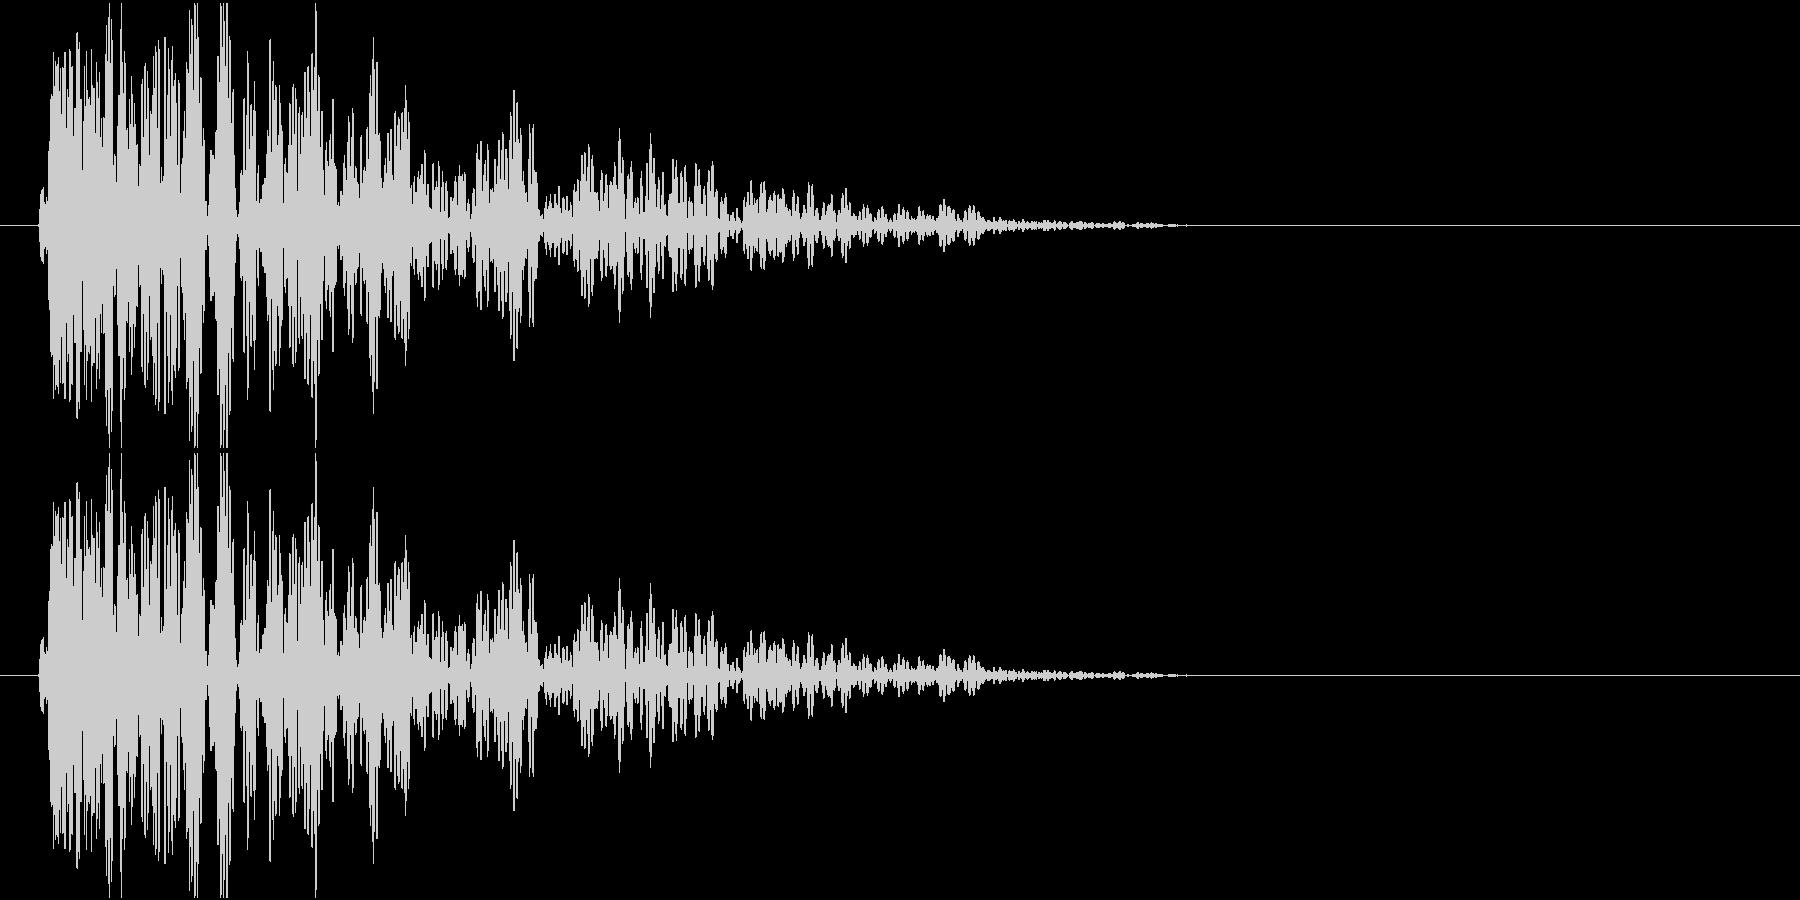 爆発、地響き、衝撃音 低音系の未再生の波形